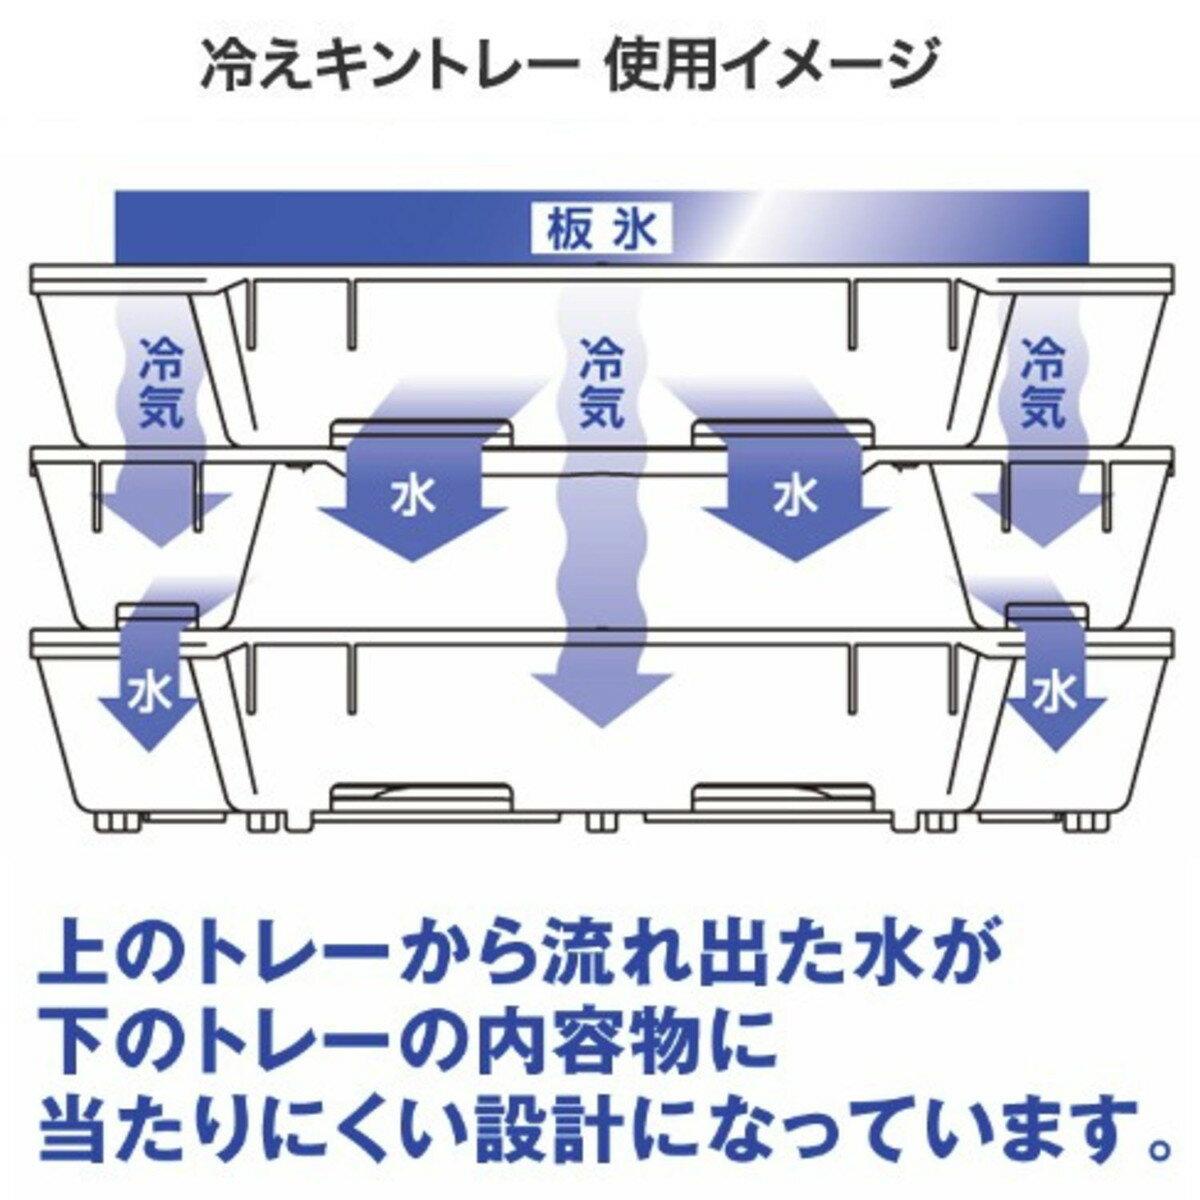 シマノ 冷えキントレー M イエローブルー AC-C81R